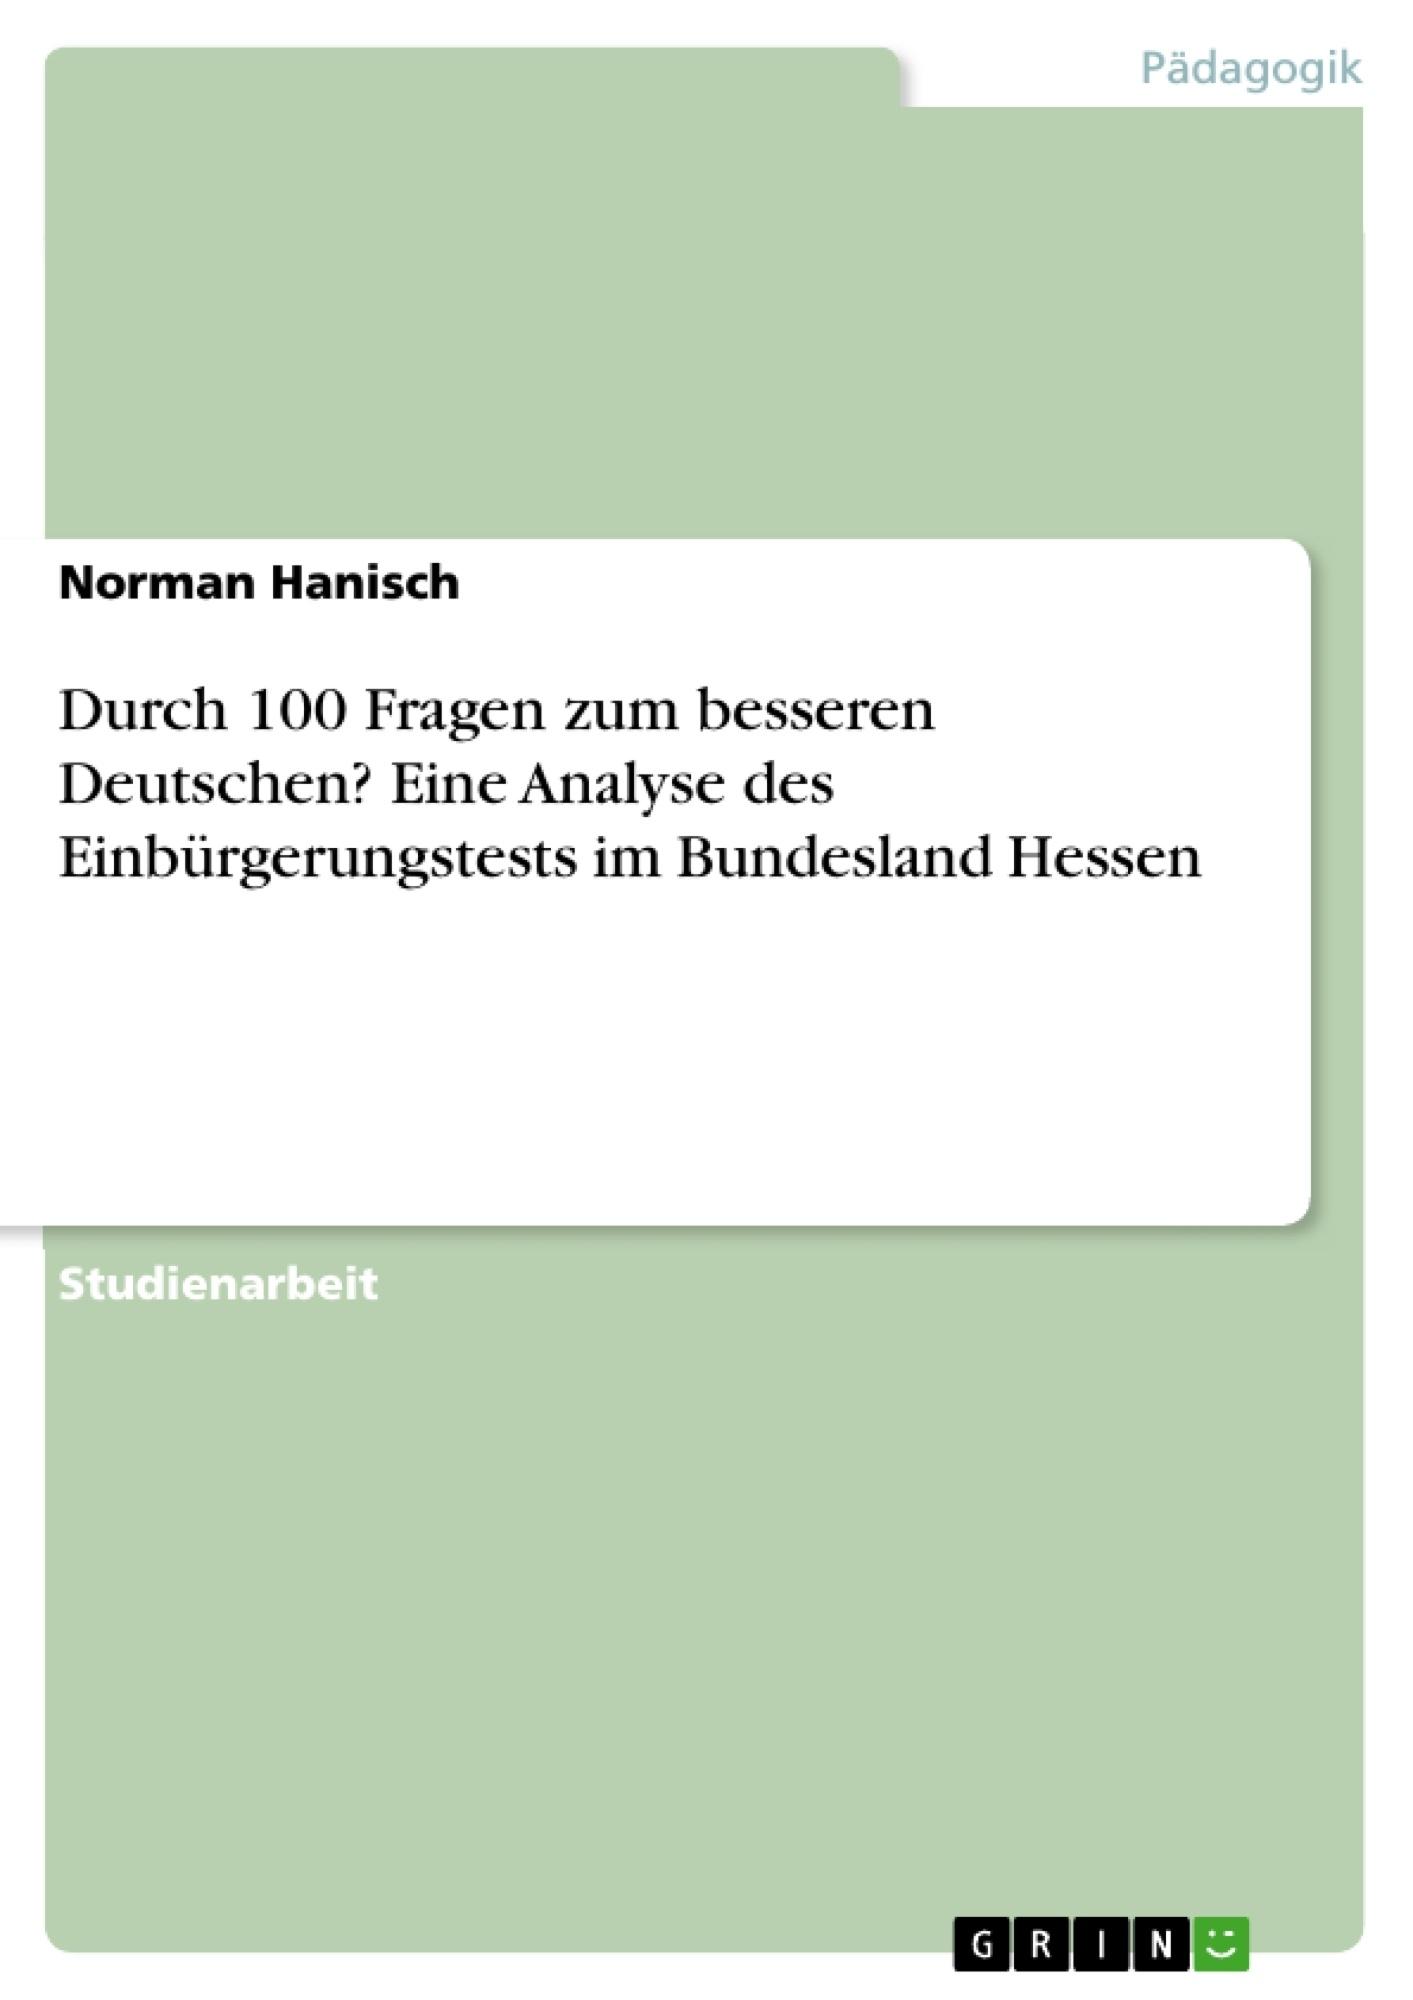 Titel: Durch 100 Fragen zum besseren Deutschen? Eine Analyse des Einbürgerungstests im  Bundesland Hessen